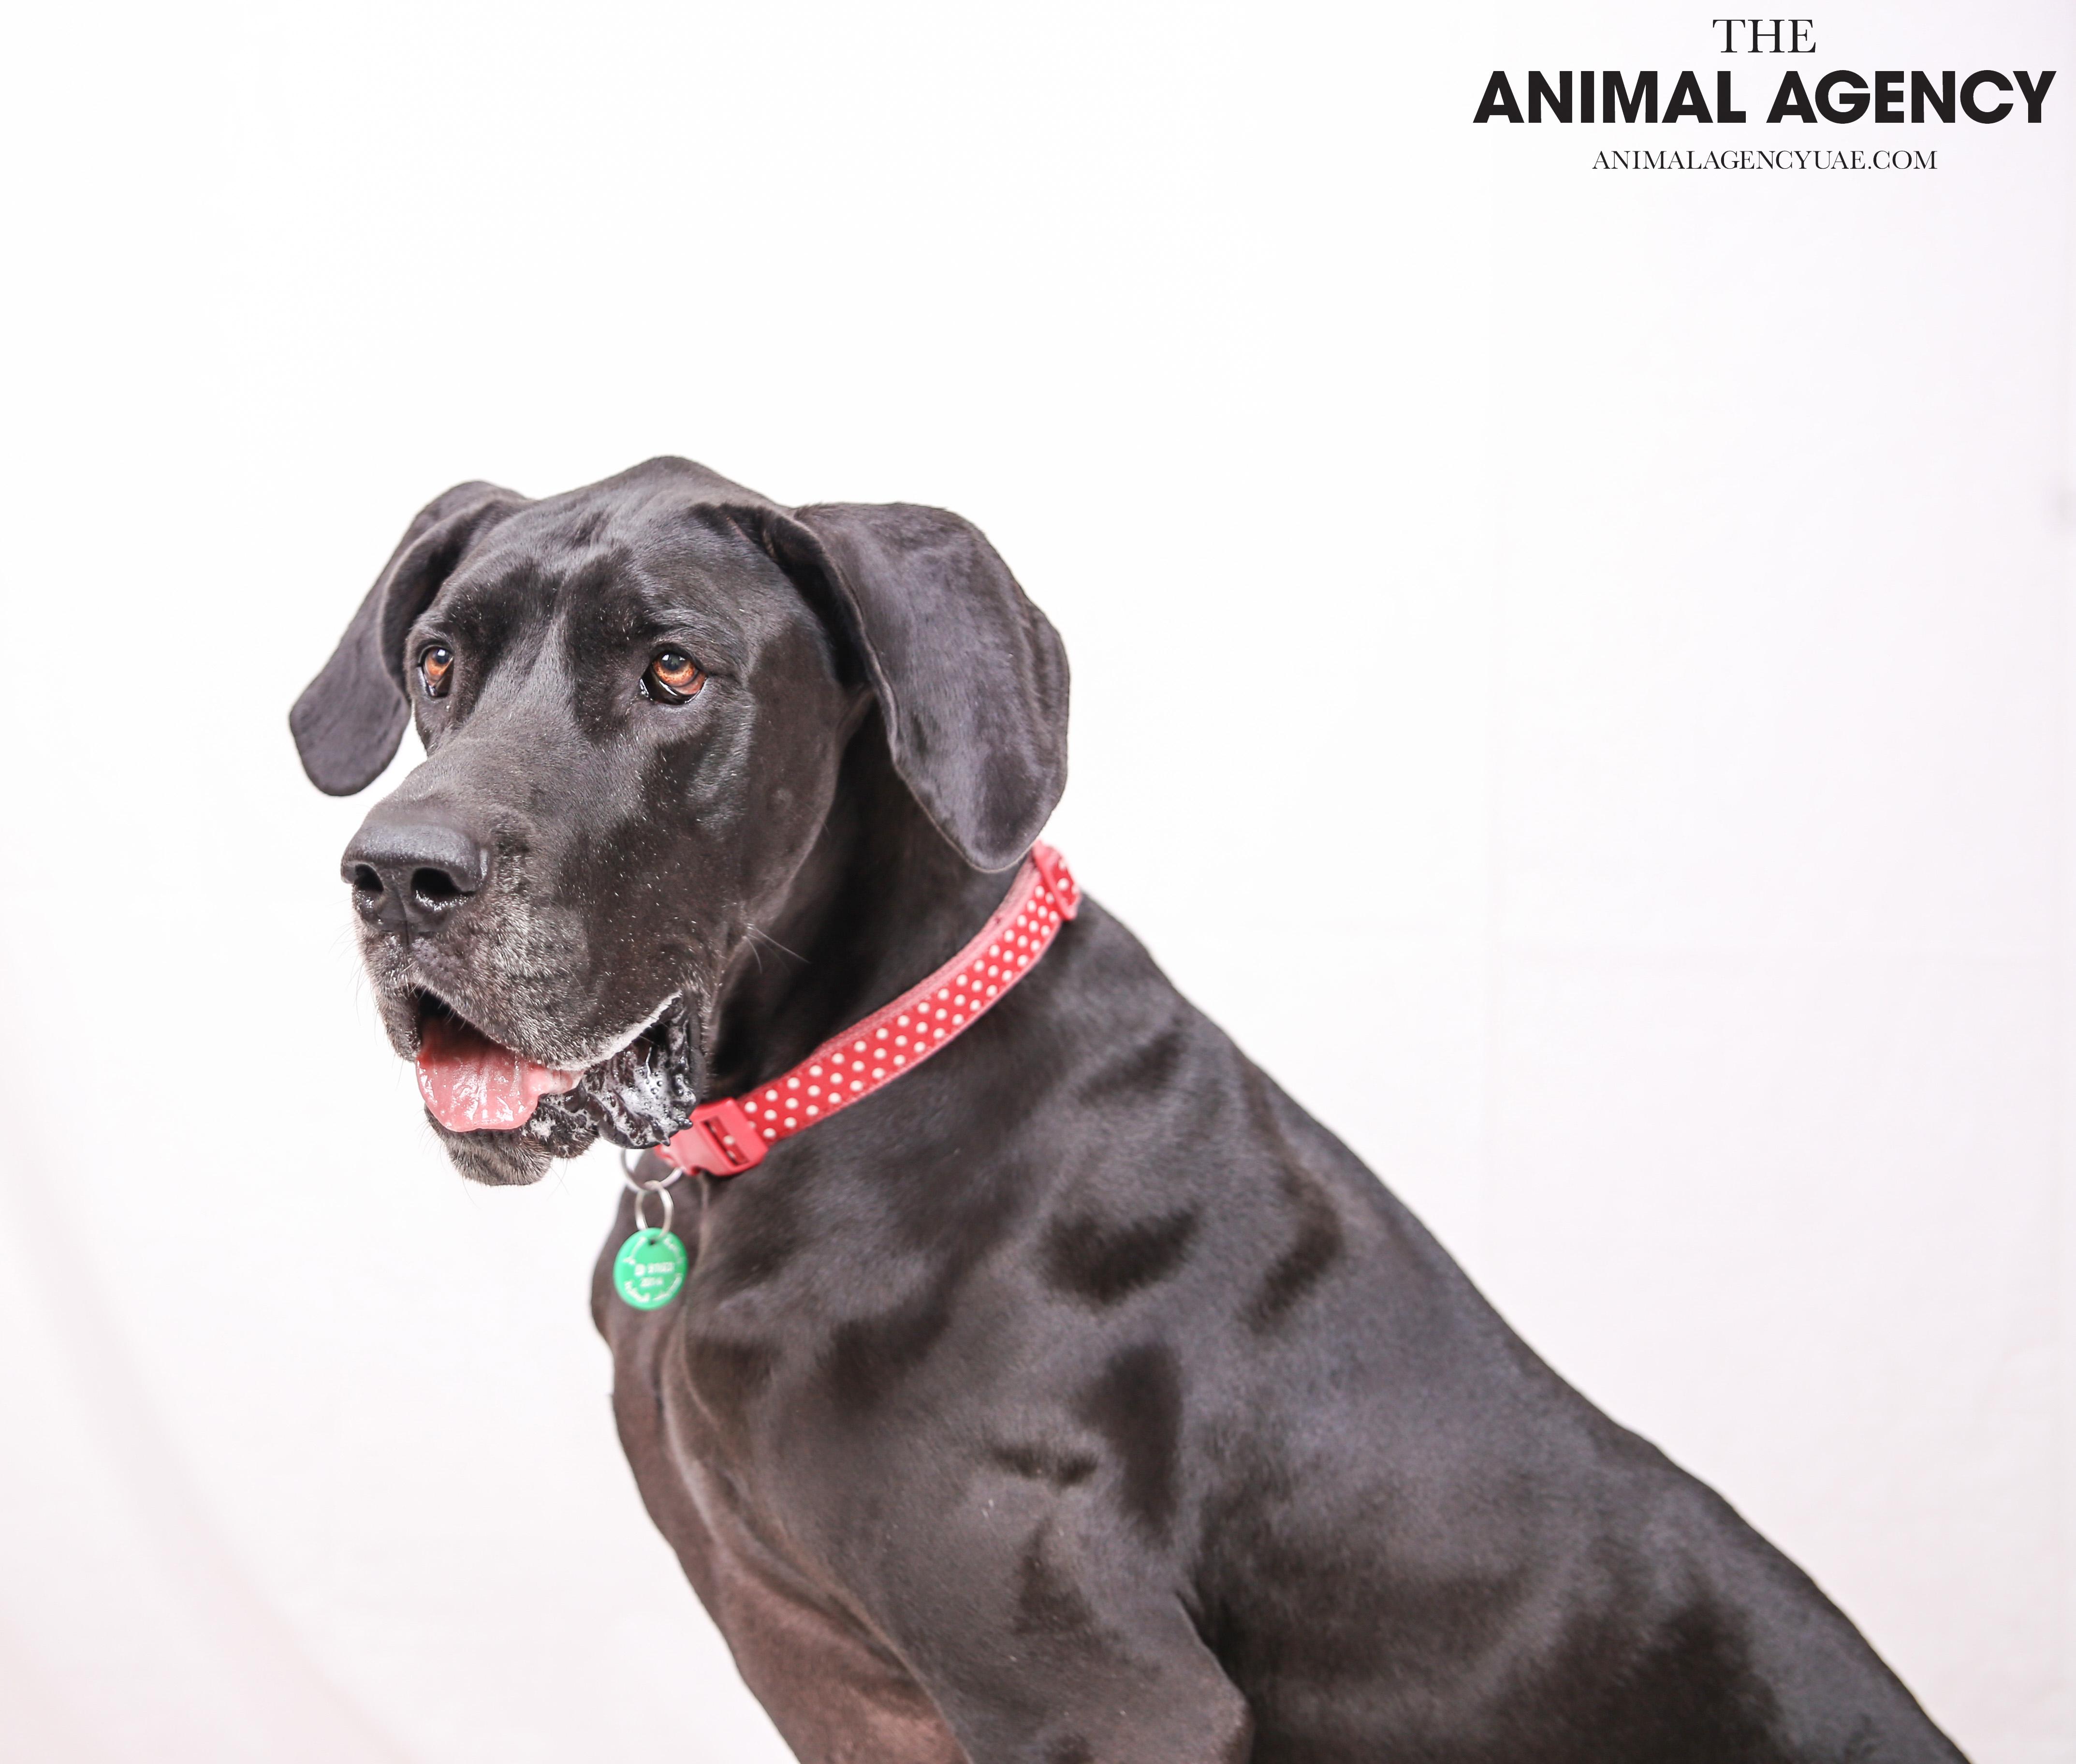 The Animal Agency UAE_Dog_Minnie (2).jpg